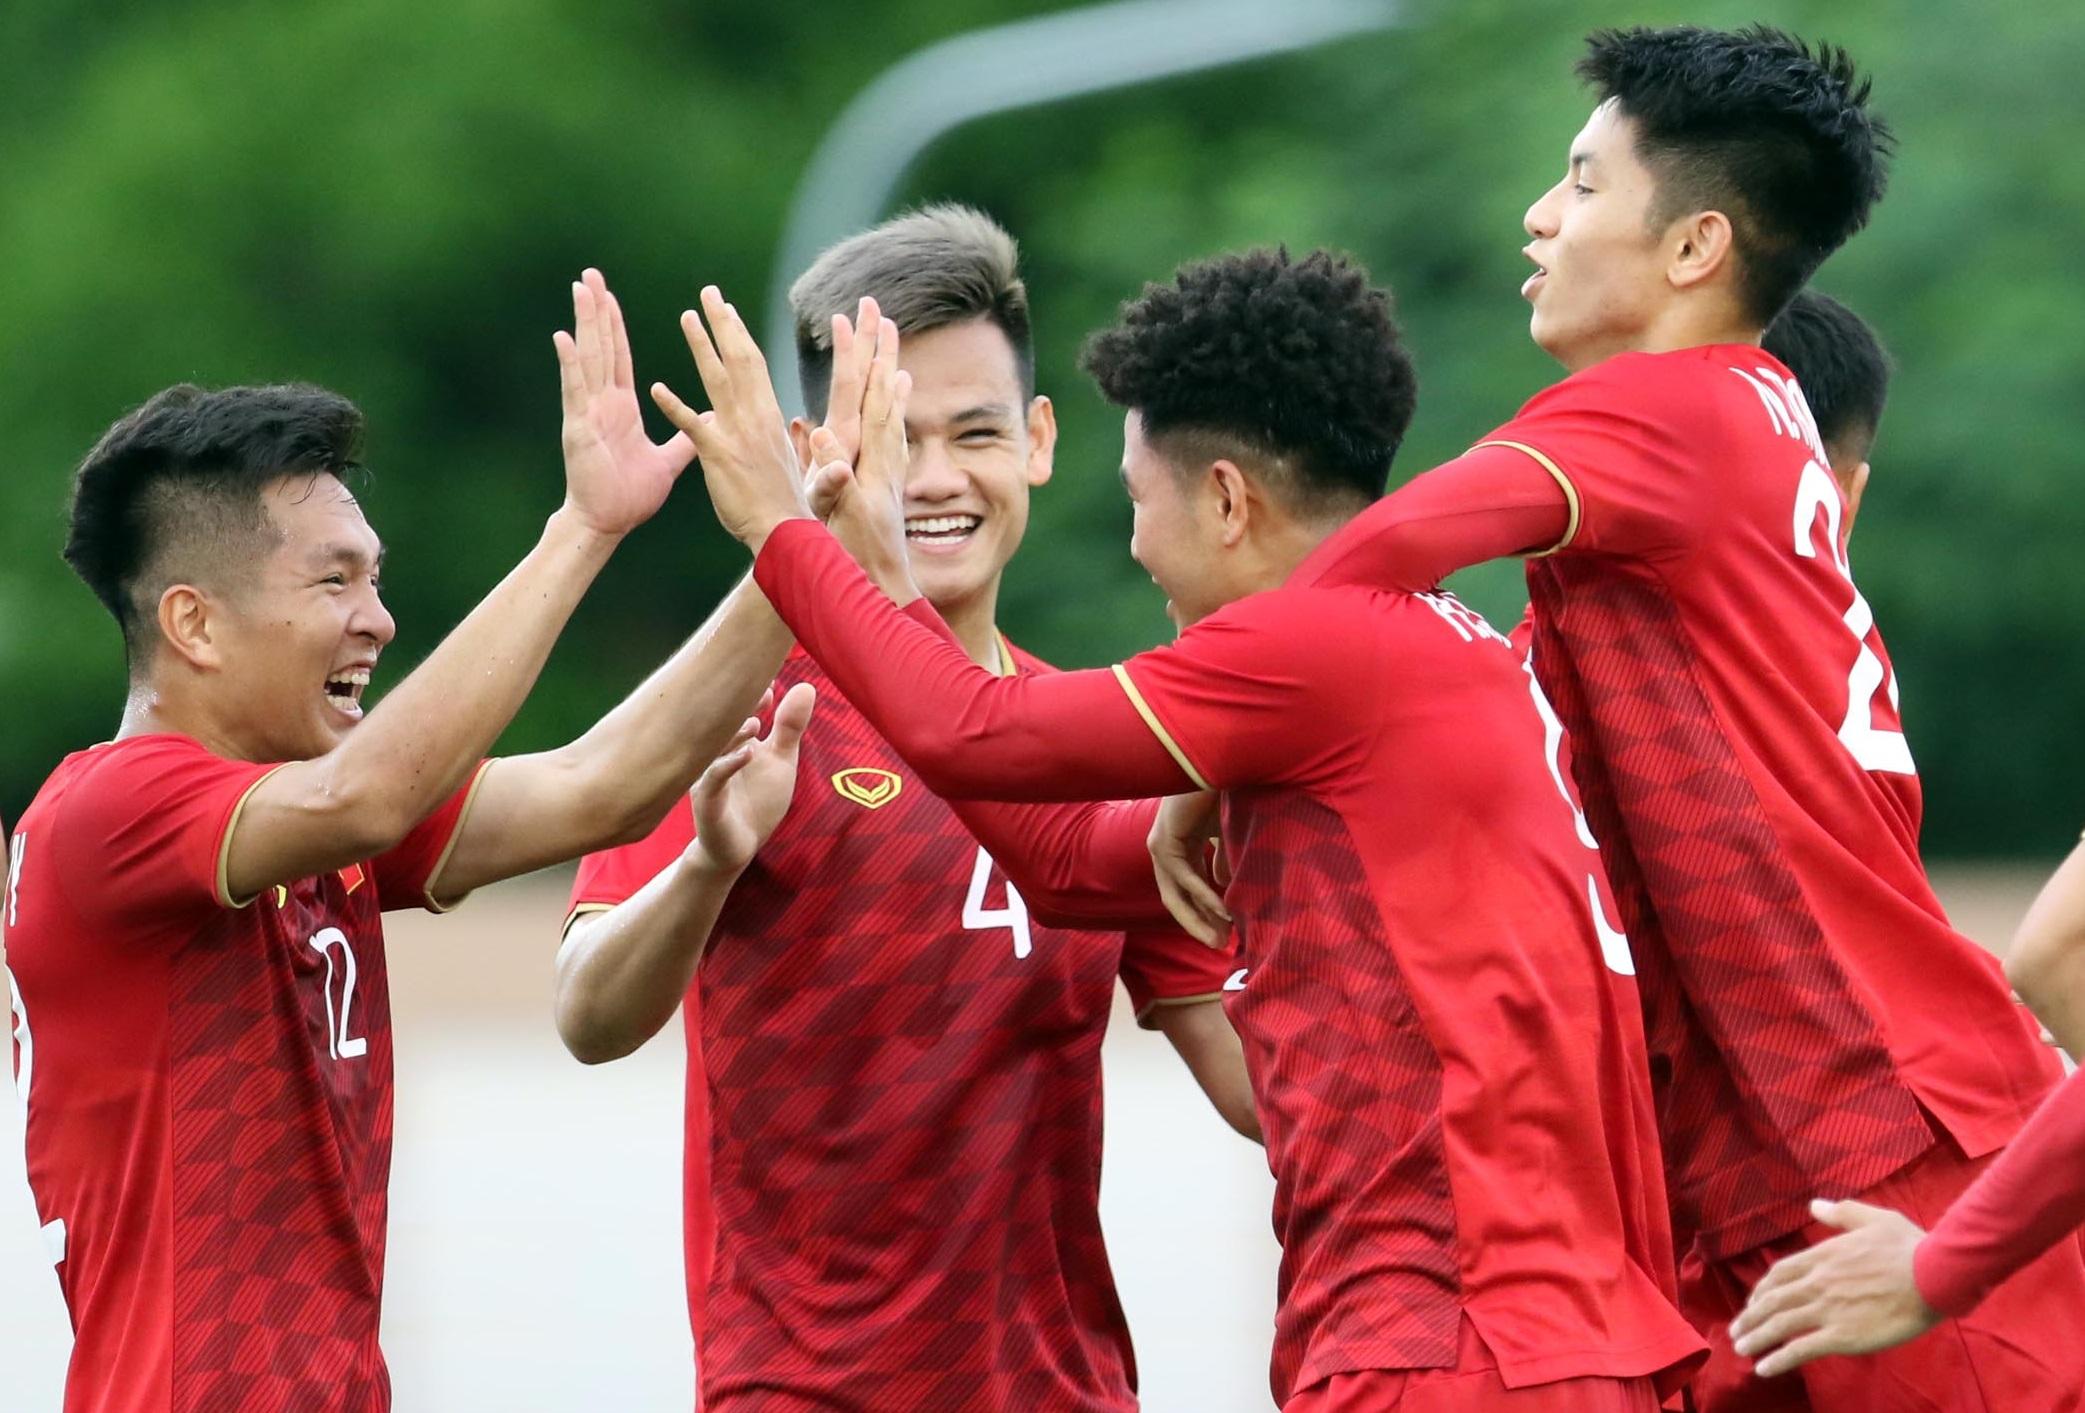 U22 Việt Nam vs U22 Lào: Đánh nhanh, thắng nhanh!